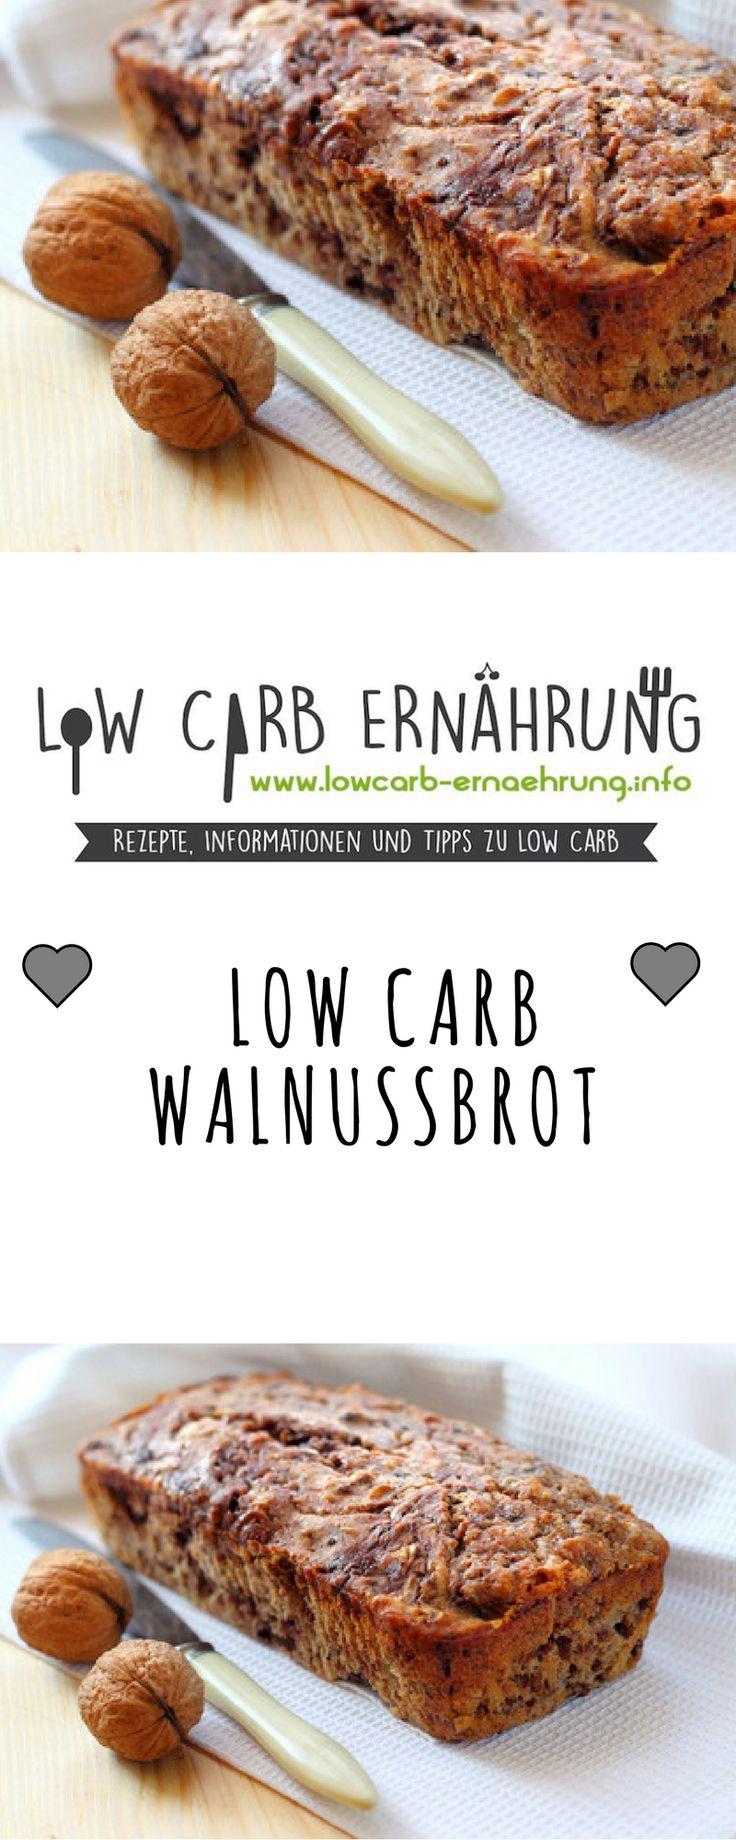 Low Carb Rezept für leckeres kohlenhydratarmes Walnussbrot. Low Carb und einfach und schnell zum Nachbacken. Perfekt zum Abnehmen.